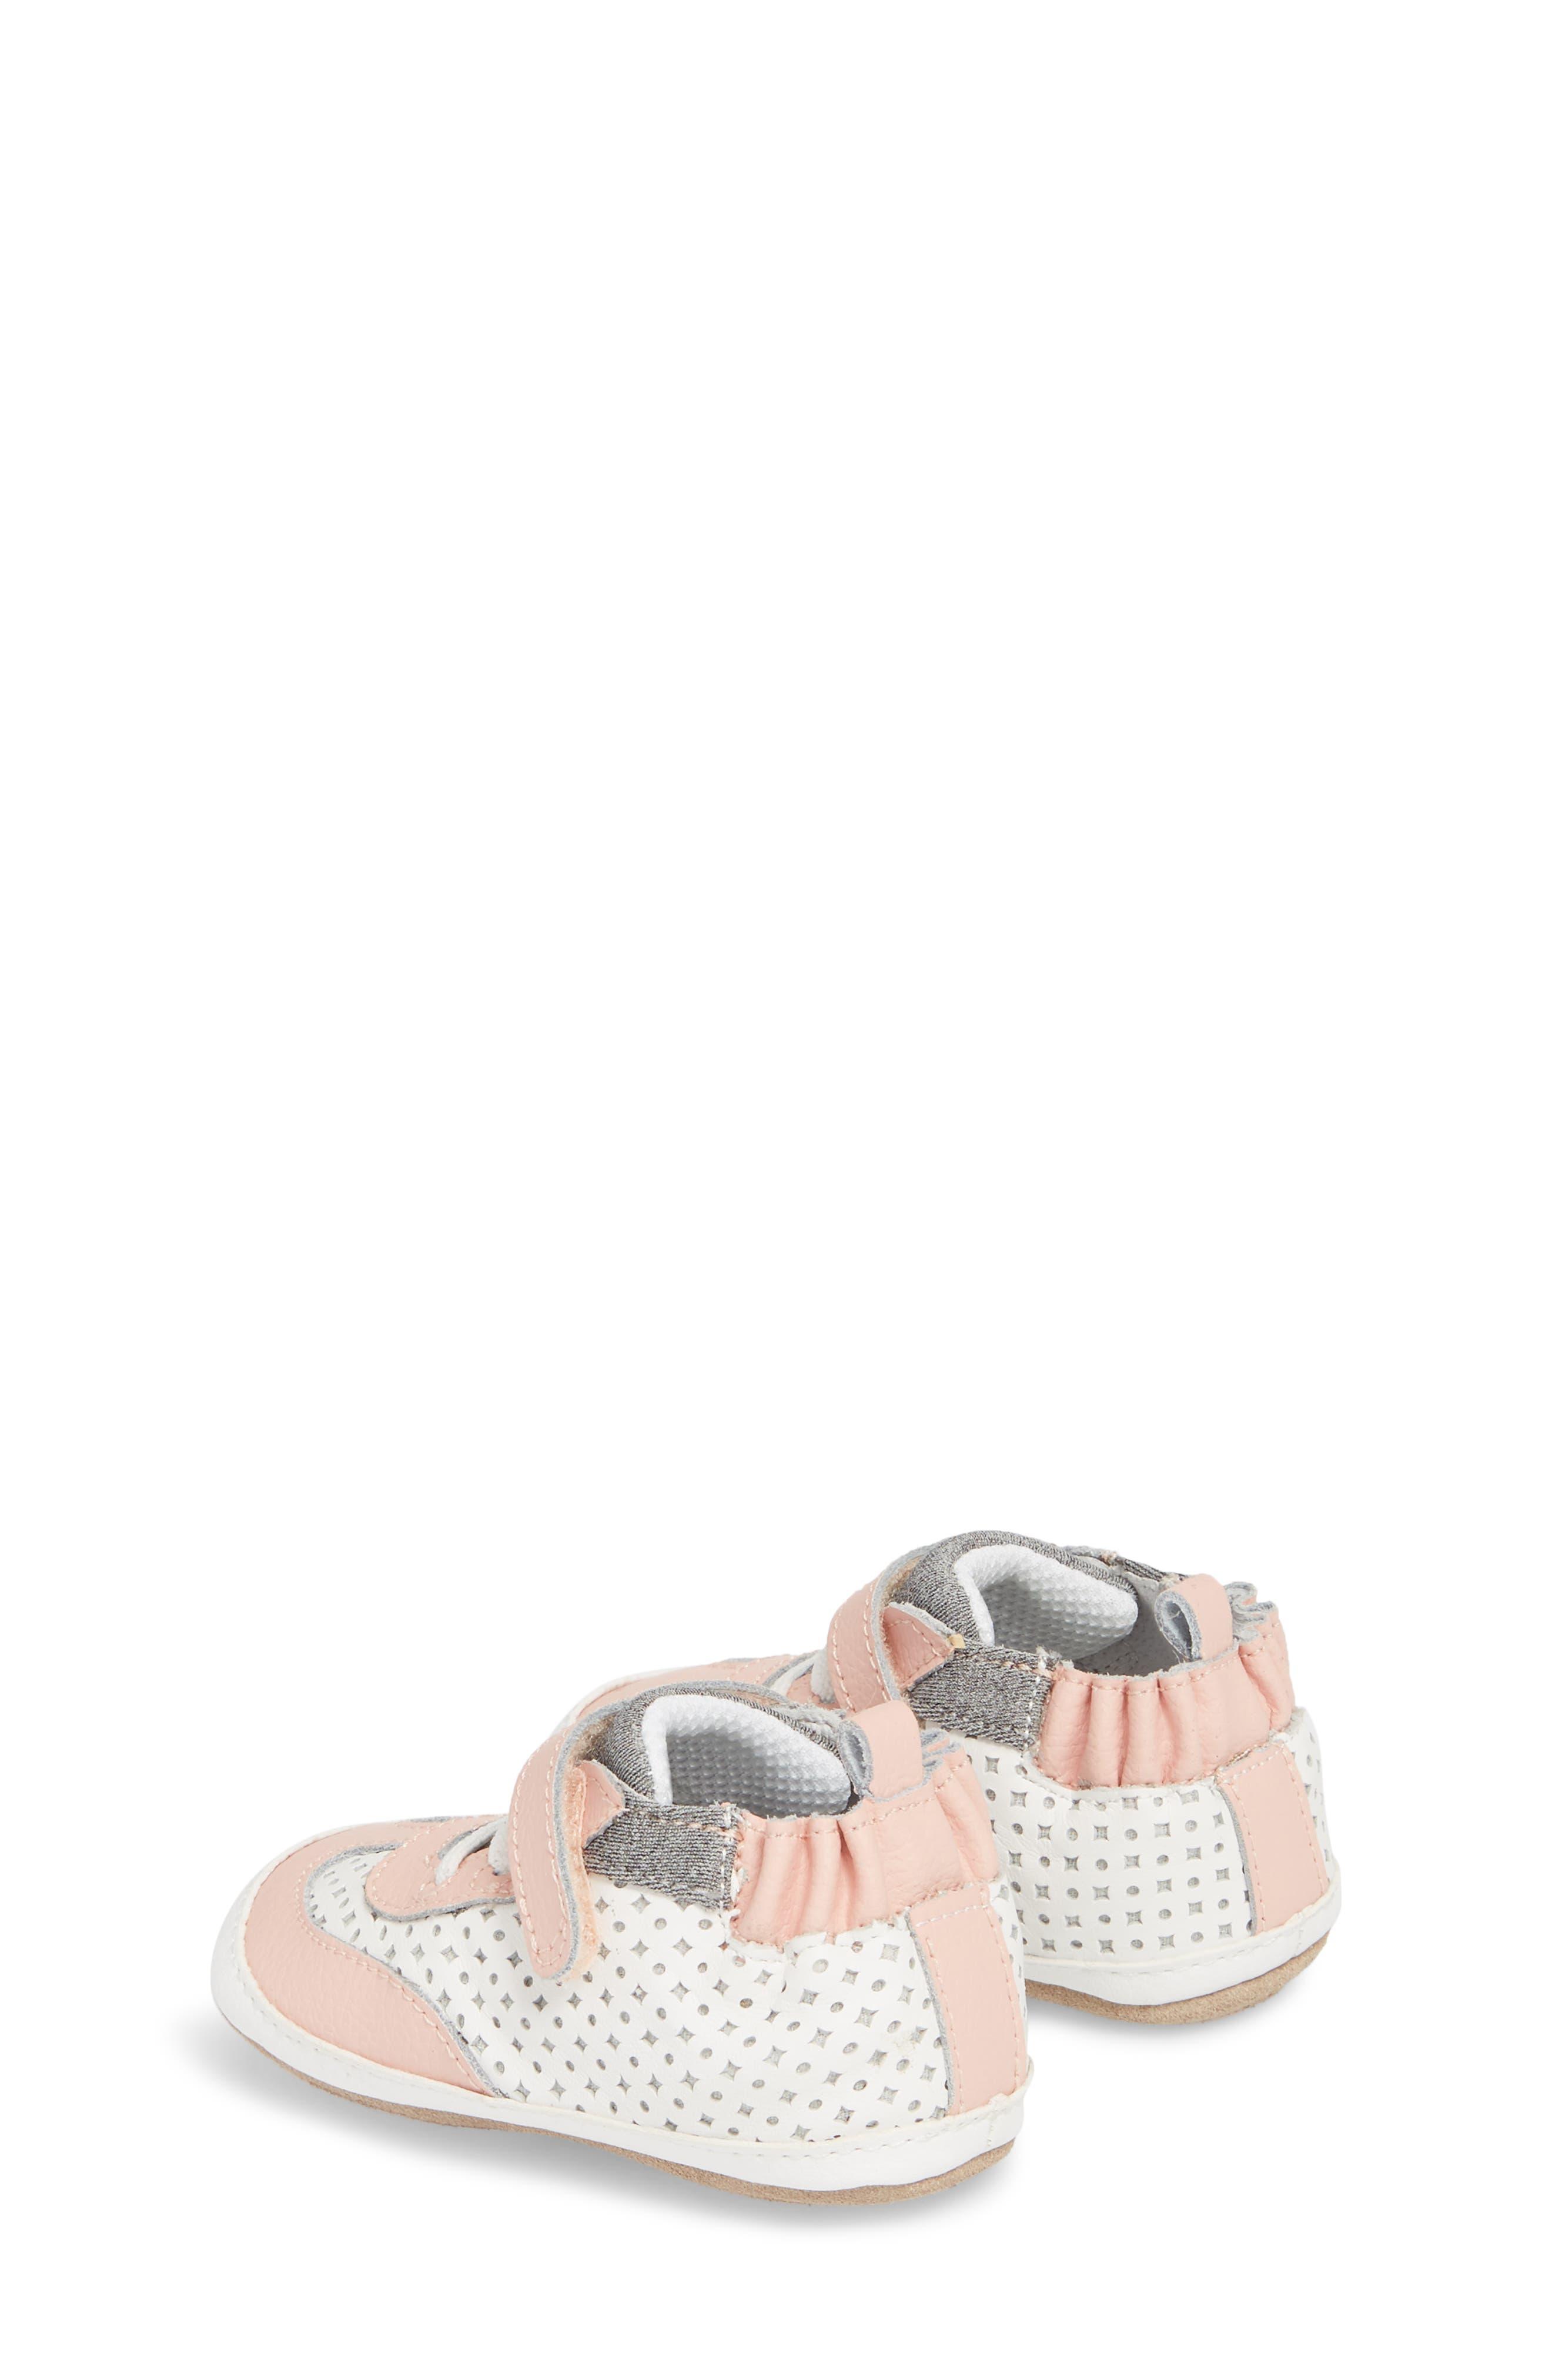 Mini Shoez Katie's Kicks Sneaker,                             Alternate thumbnail 2, color,                             Pink